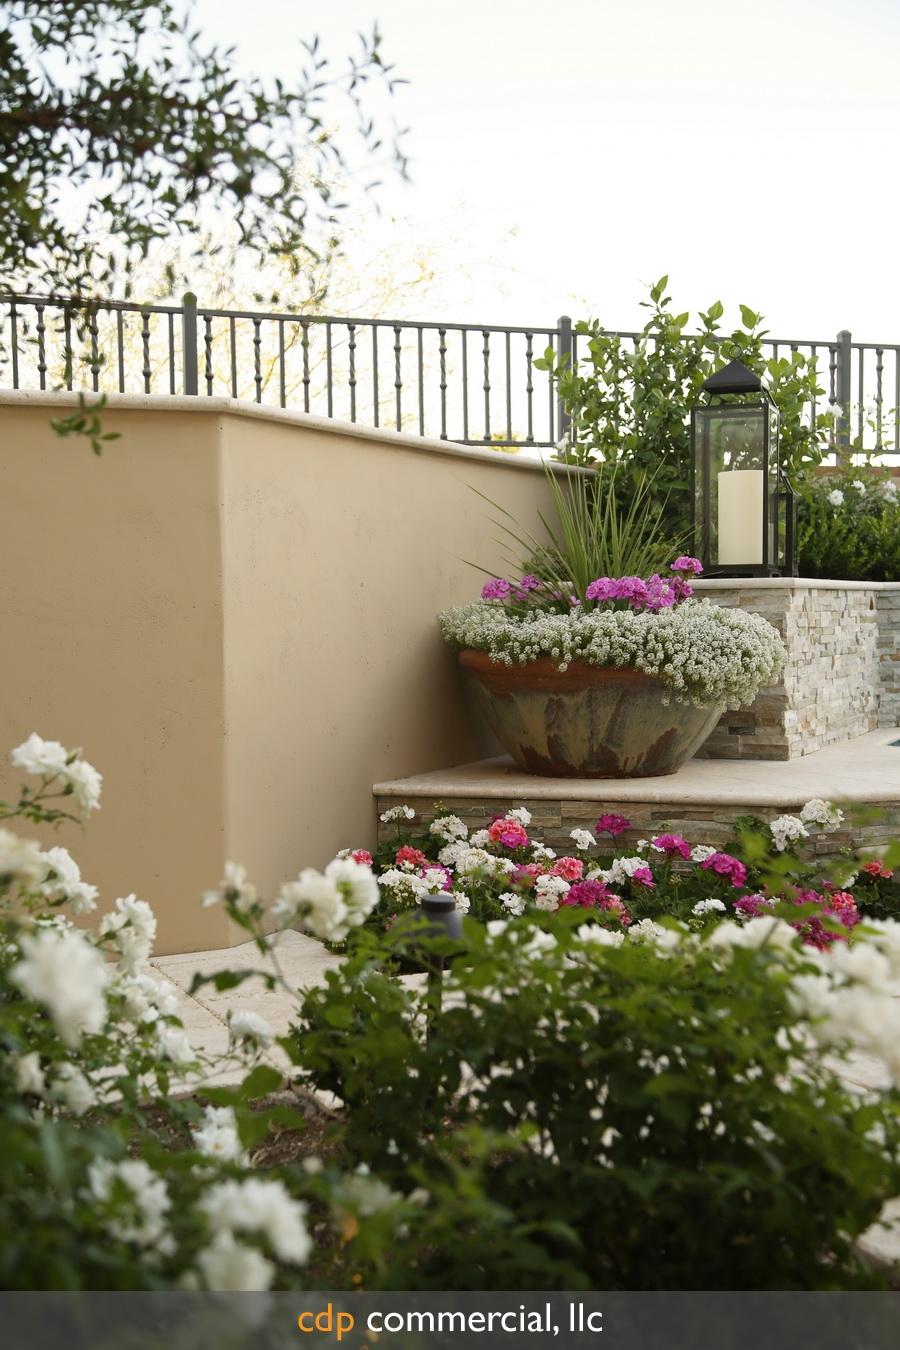 desert-springs--residential-landscaping-cd18645